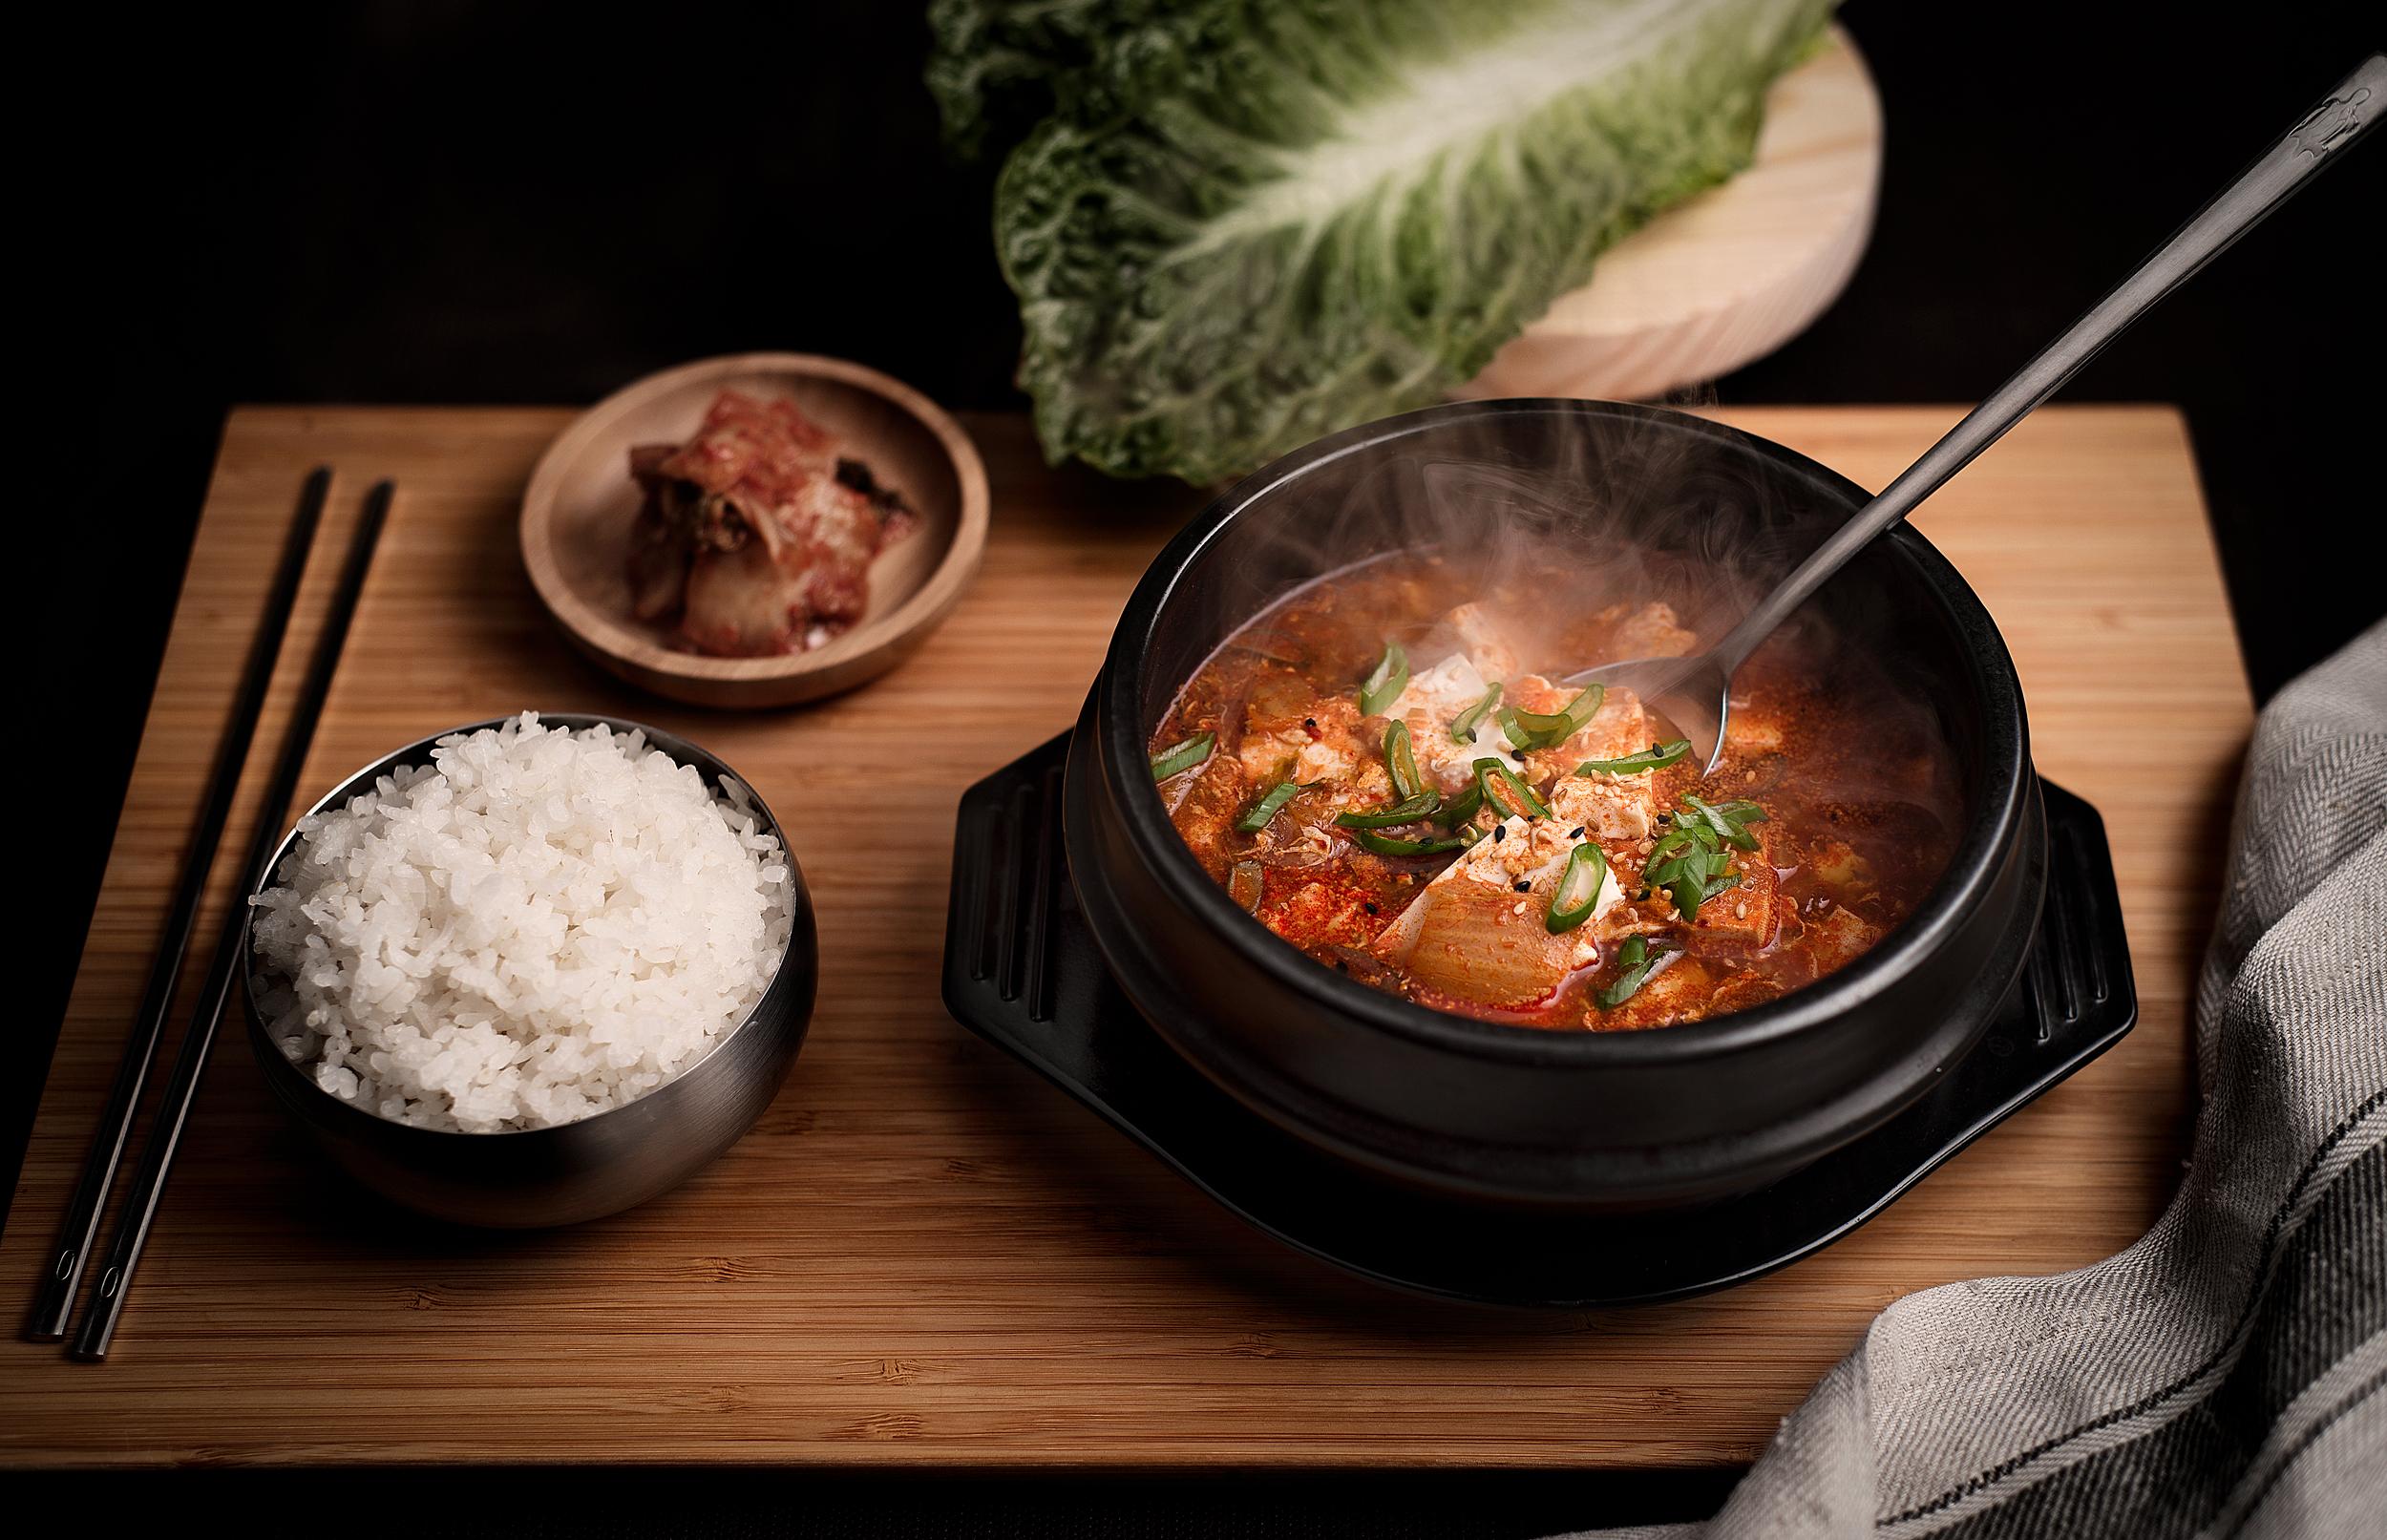 Sundubuchigue - Cazuela hirviente de tofu suave con chirlas y carne de cerdo.Caldo con una combinación de verduras, el suave sabor y textura del tofu, carne de cerdo y chirlas, servido en un cuenco de barro caliente y con una bowl de arroz blanco.Un plato ideal para los que quieren un equilibrio entre lo suave y lo picante sin renunciar a un sabor profundo y redondo. Todo en armonía.11.90€